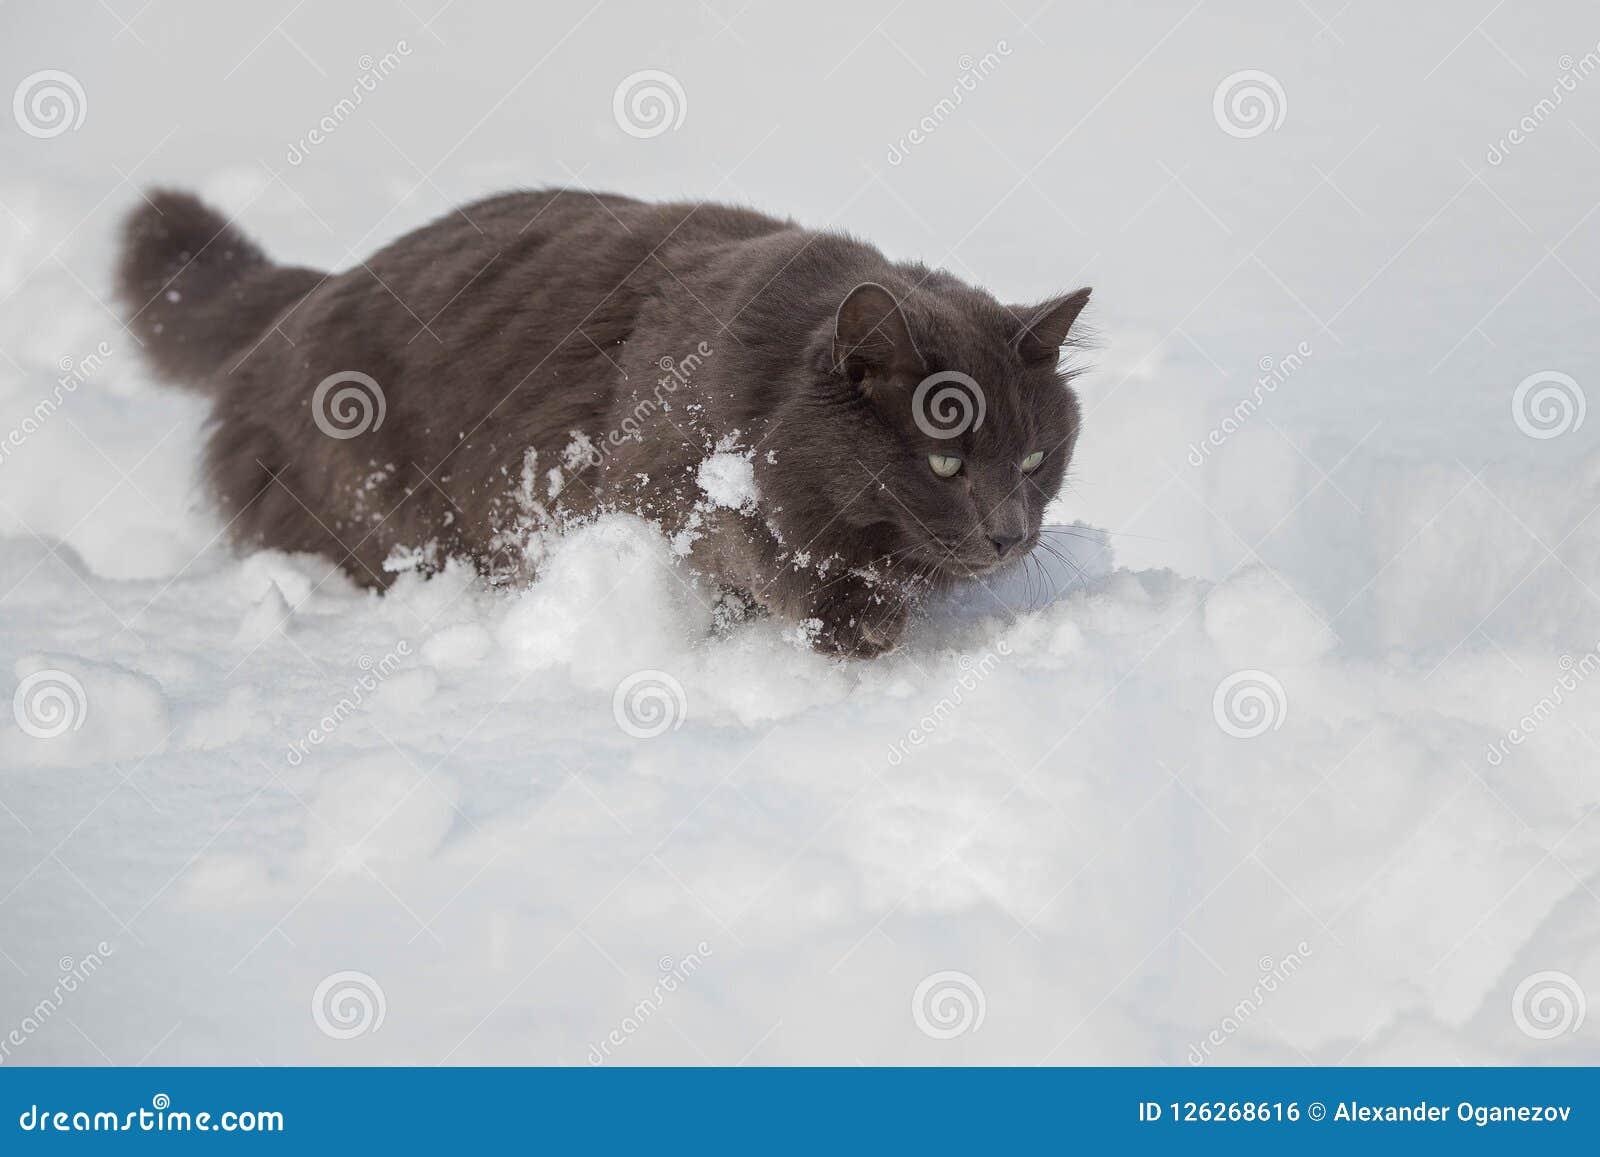 Rysk katt för blåa grå färger som går till och med djup snö